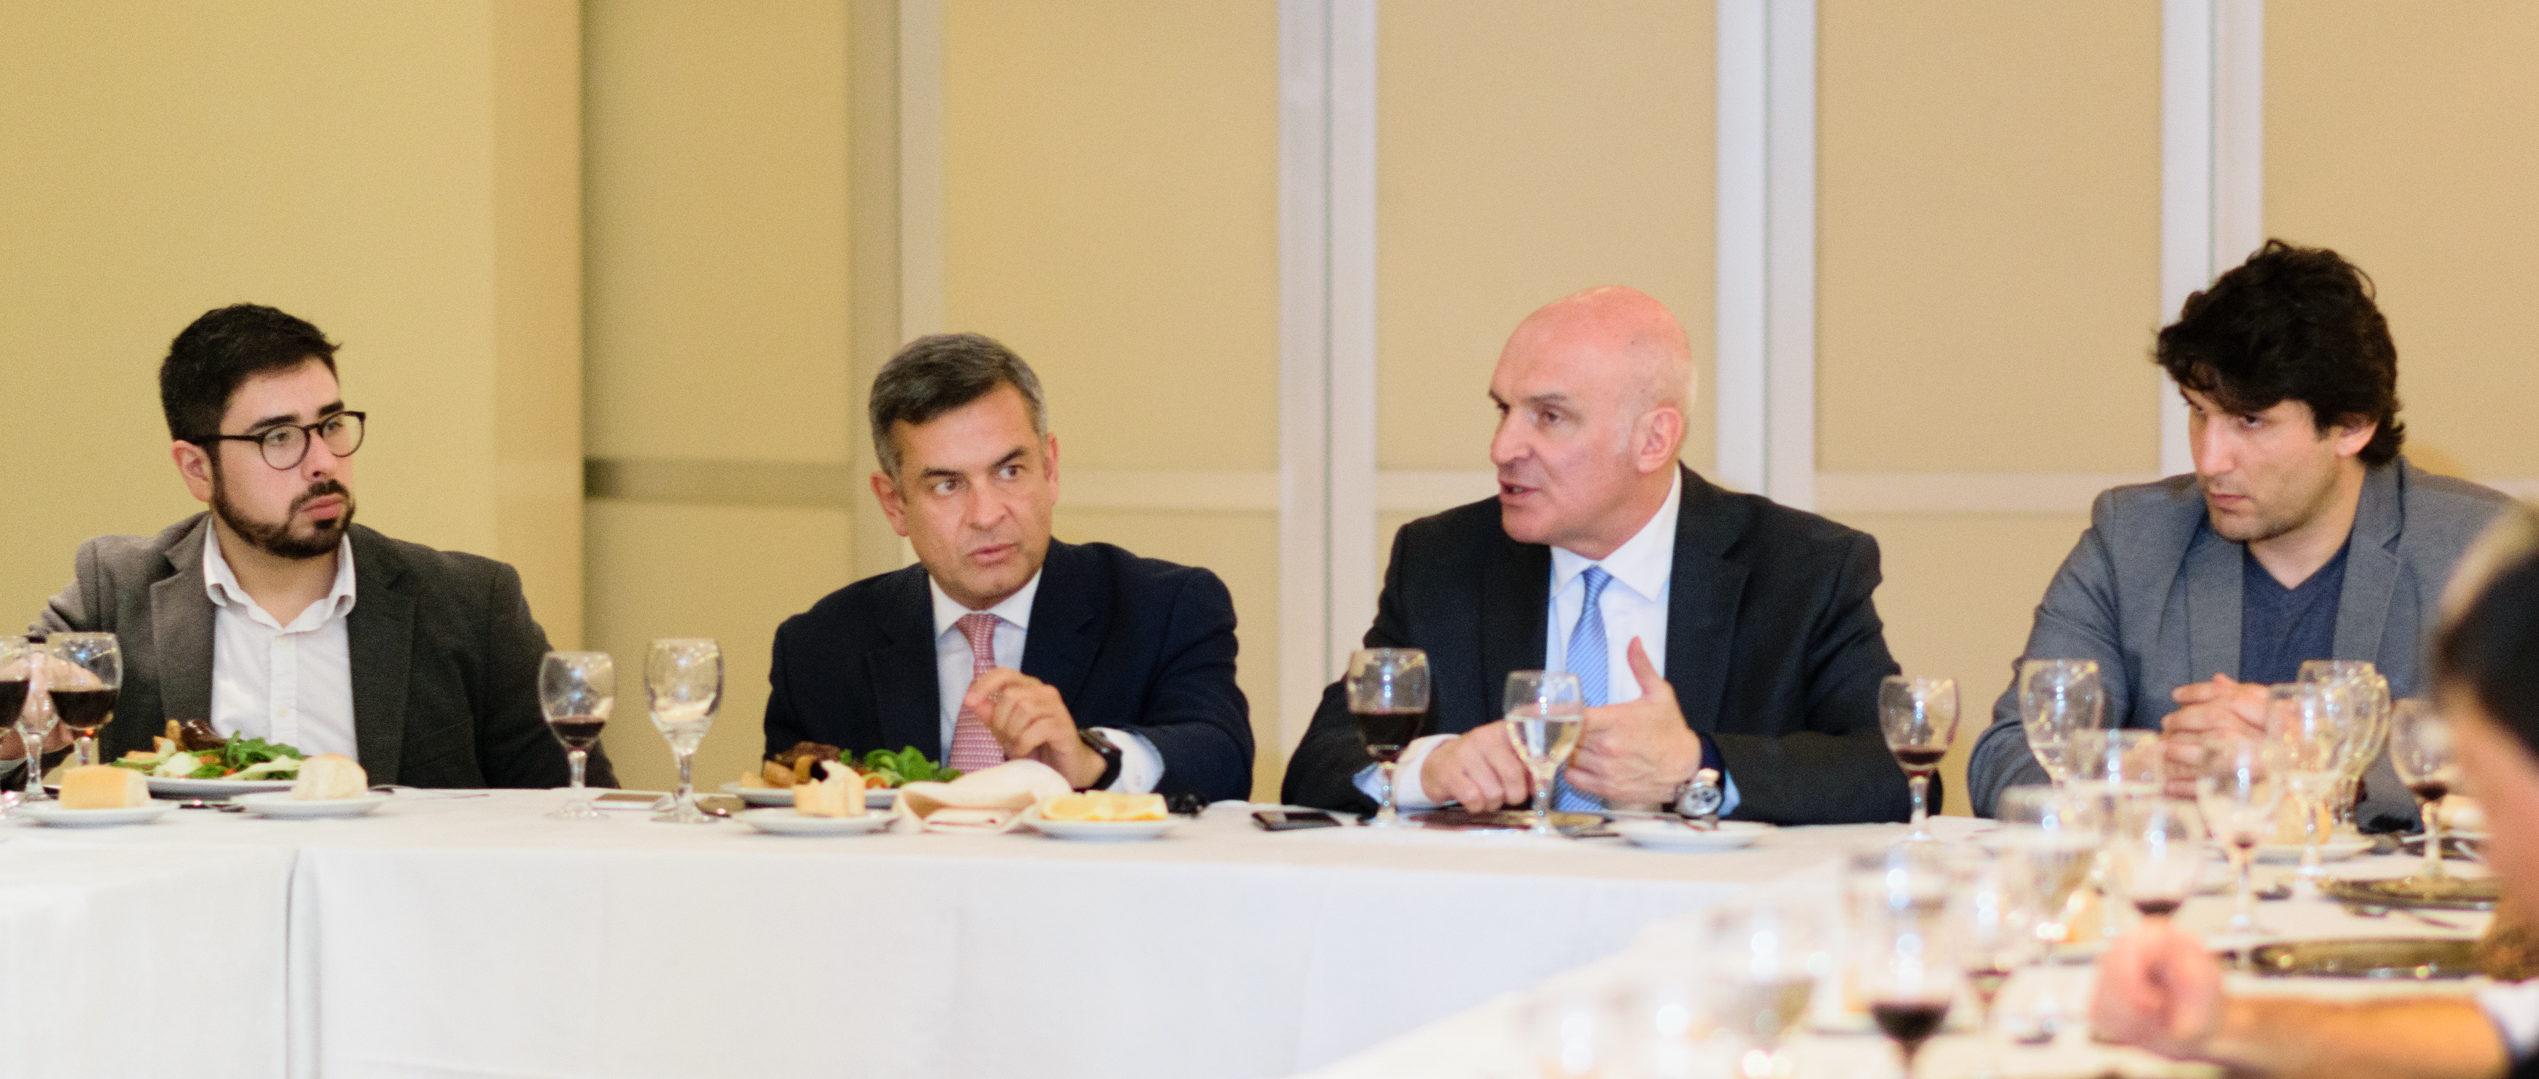 Almuerzo de trabajo con José Luis Espert en Tucumán.